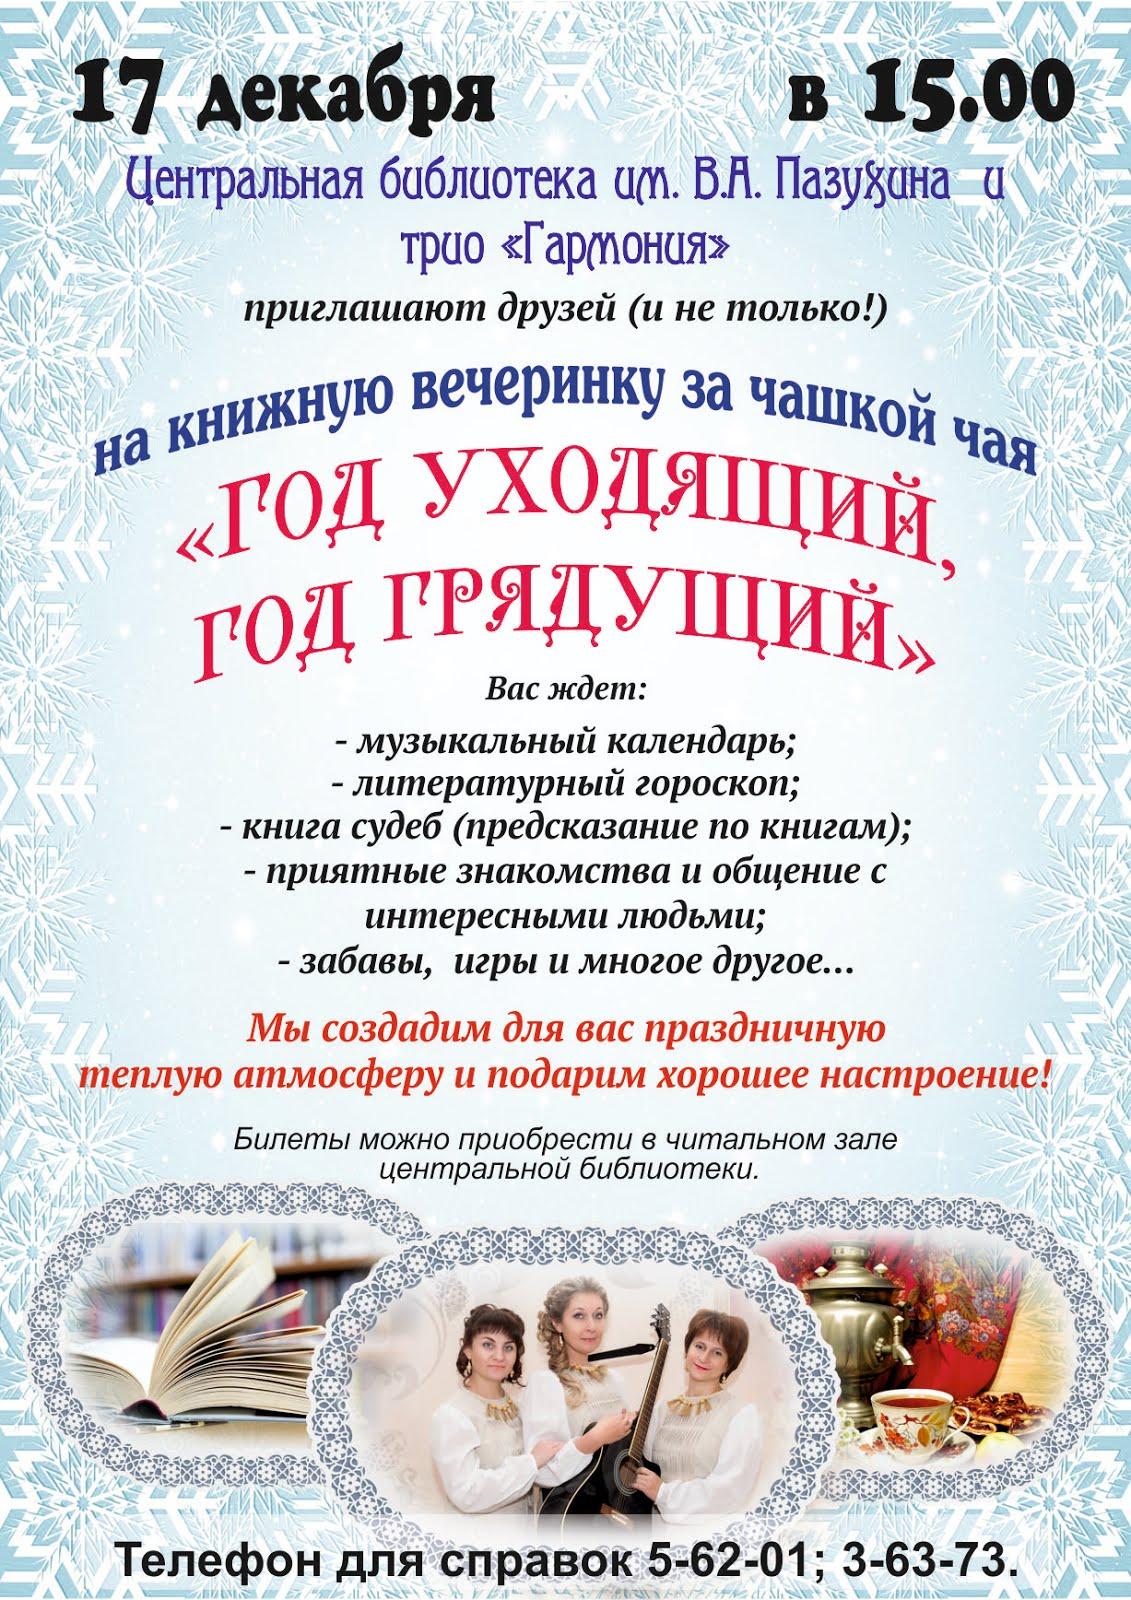 Центральная библиотека им.В.А. Пазухина